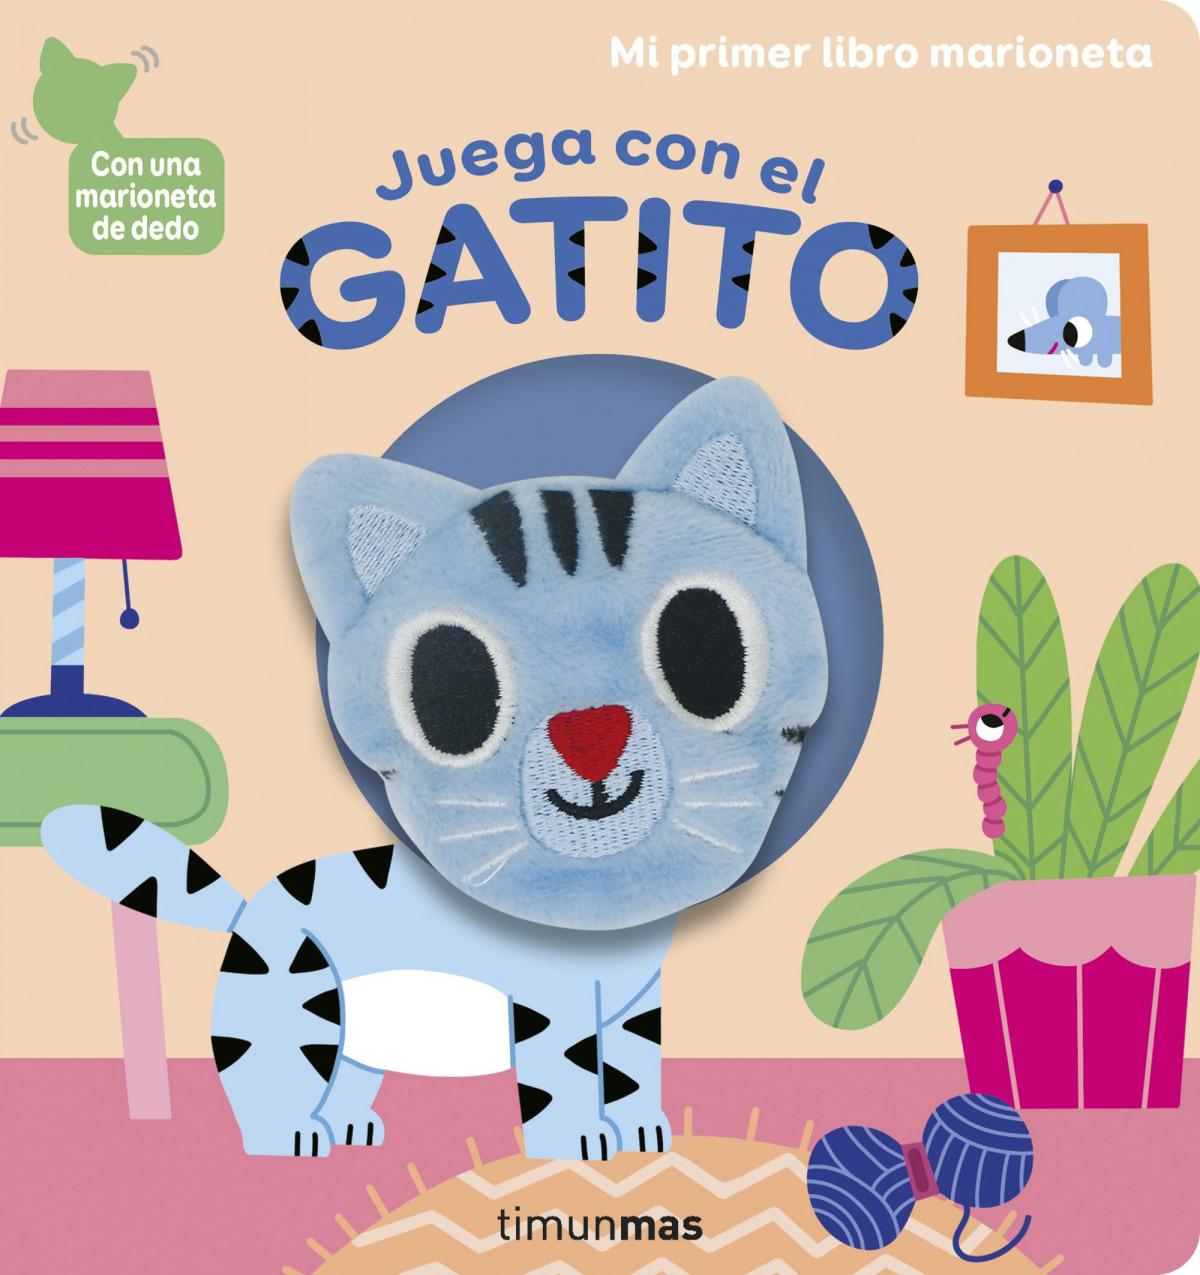 Juega con el gatito. Libro marioneta